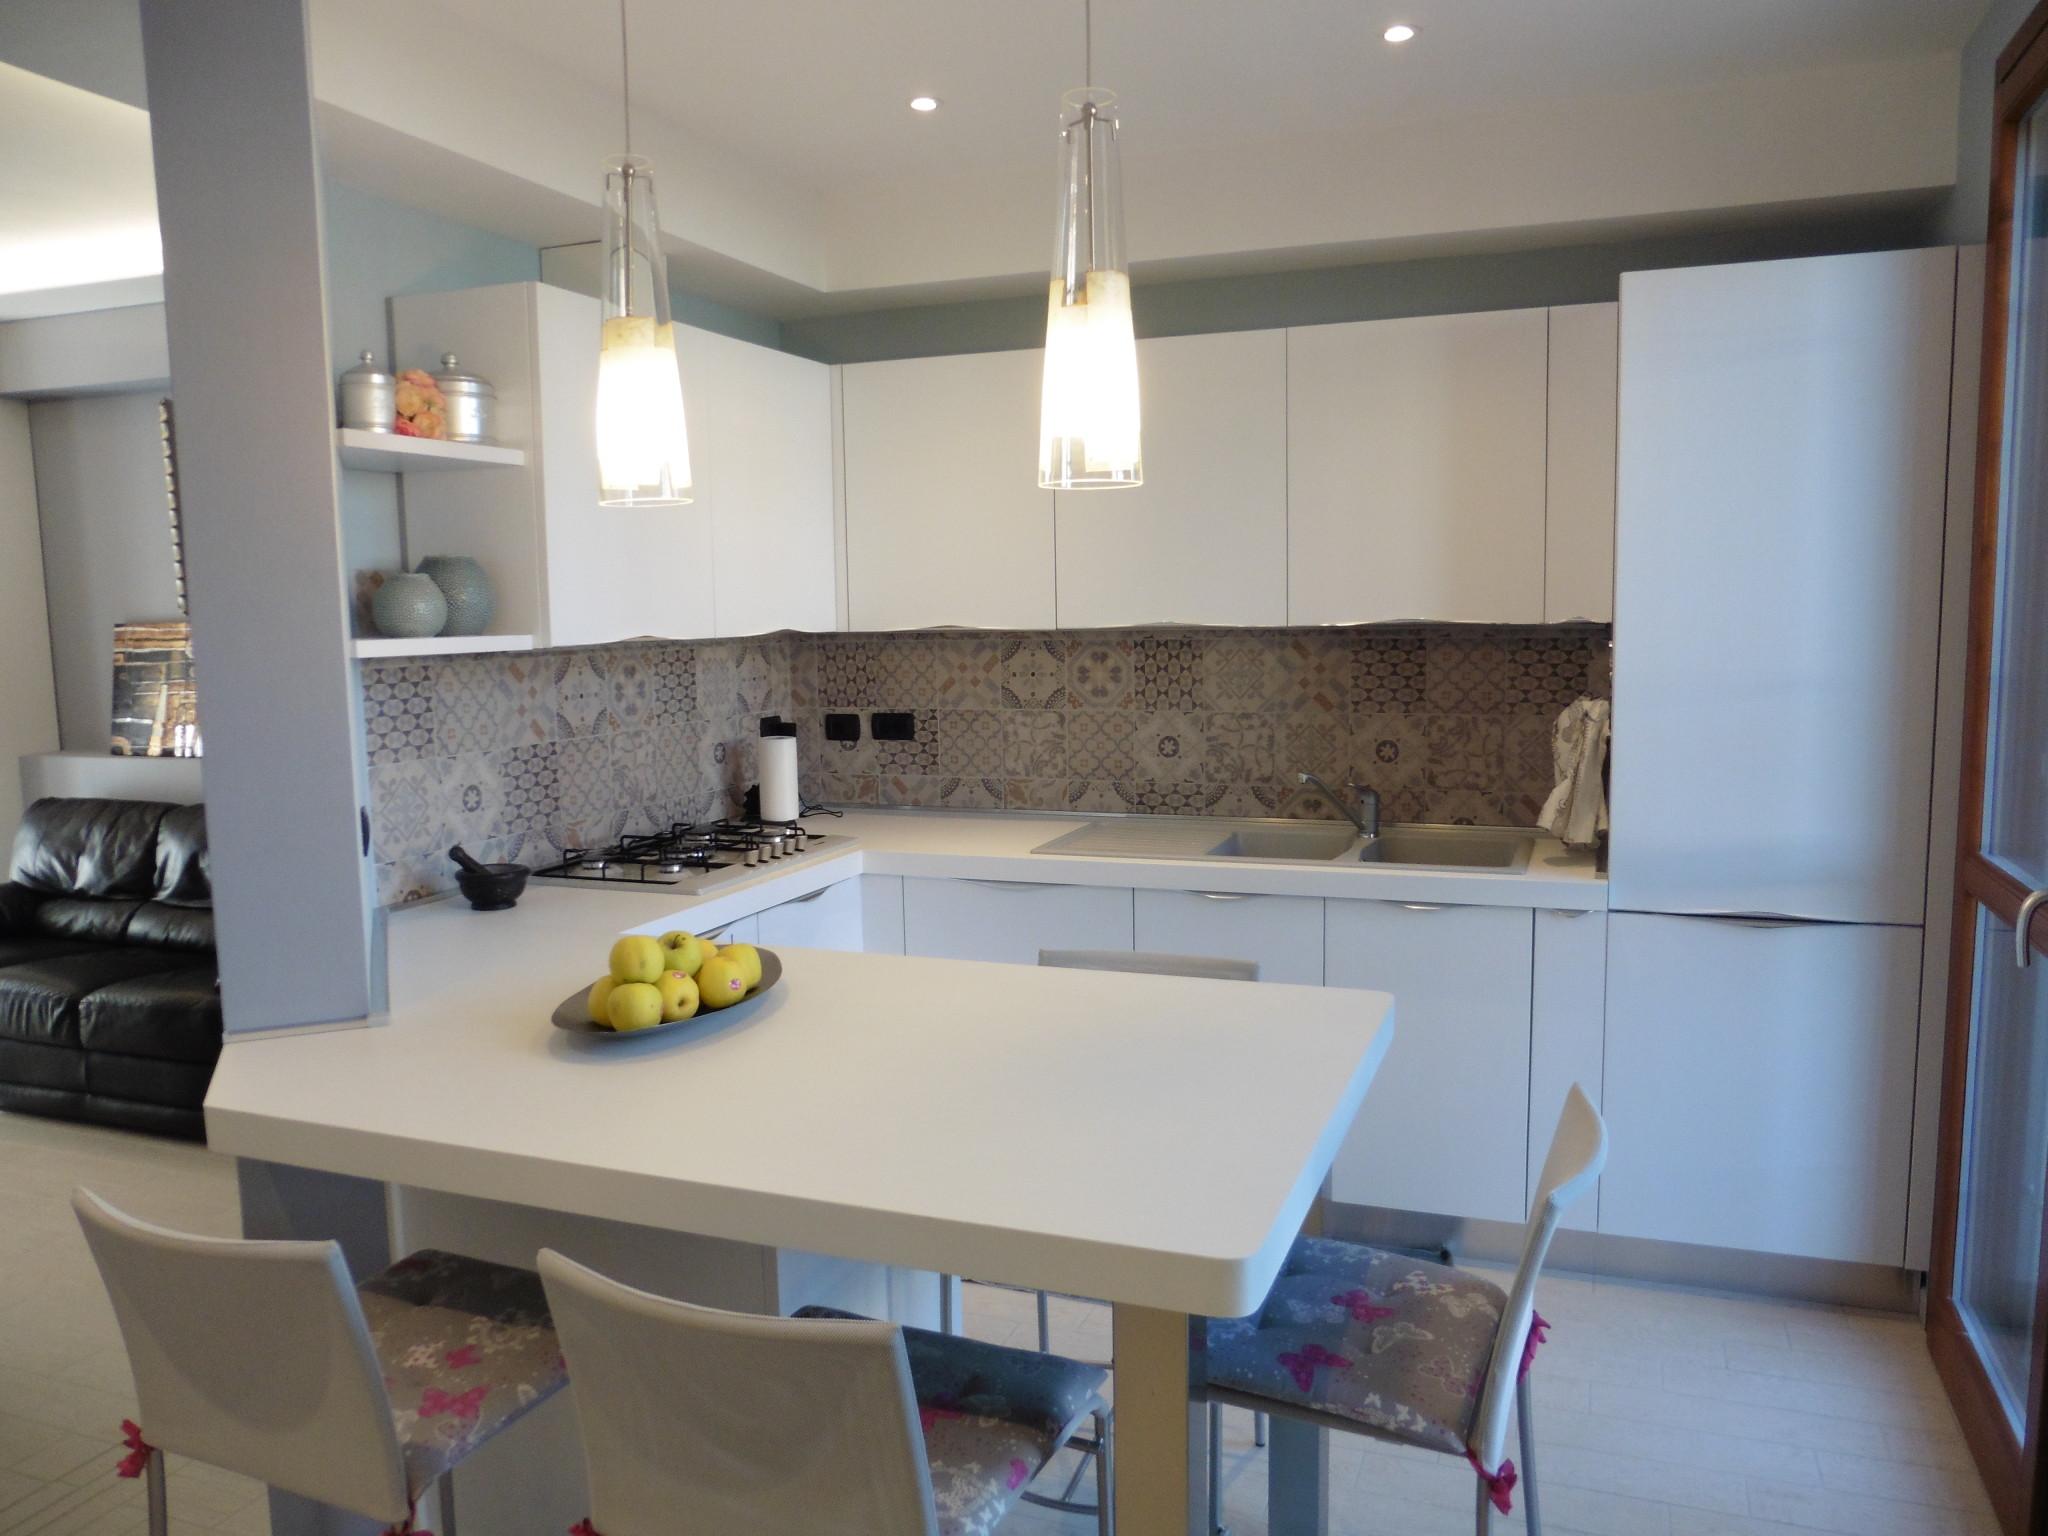 21-arredamento-soggiorno-e-cucina - Arredamenti Campana ...